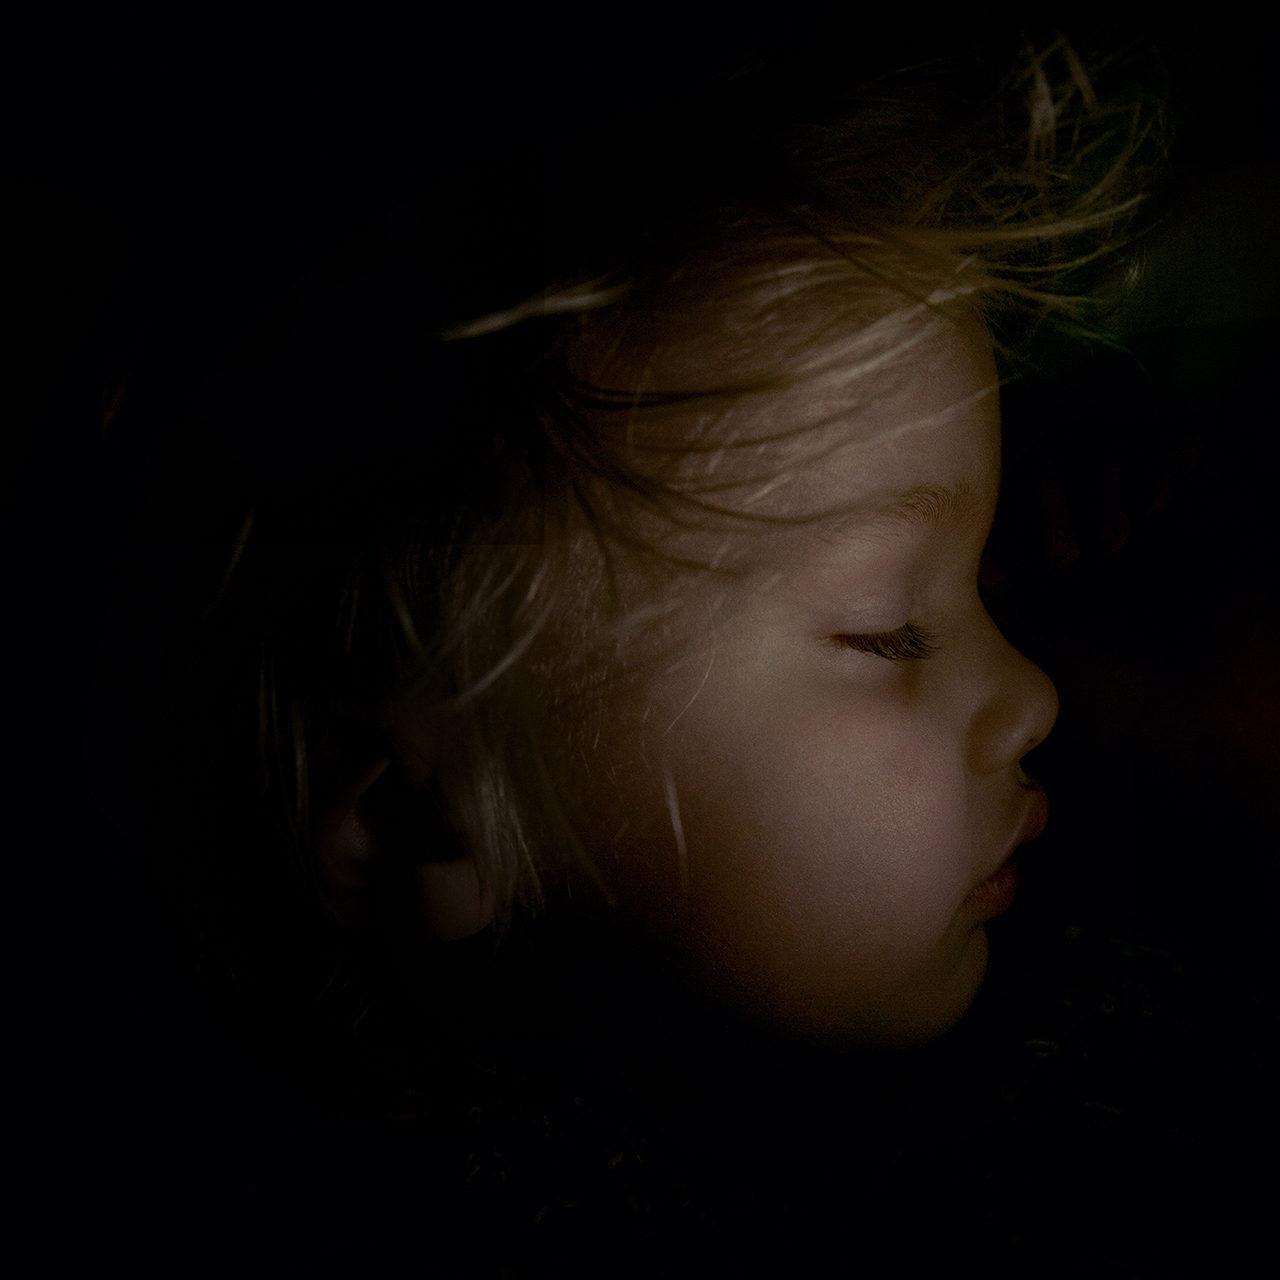 capaz-mirandakoopman-portretfotografie-kinderen3-